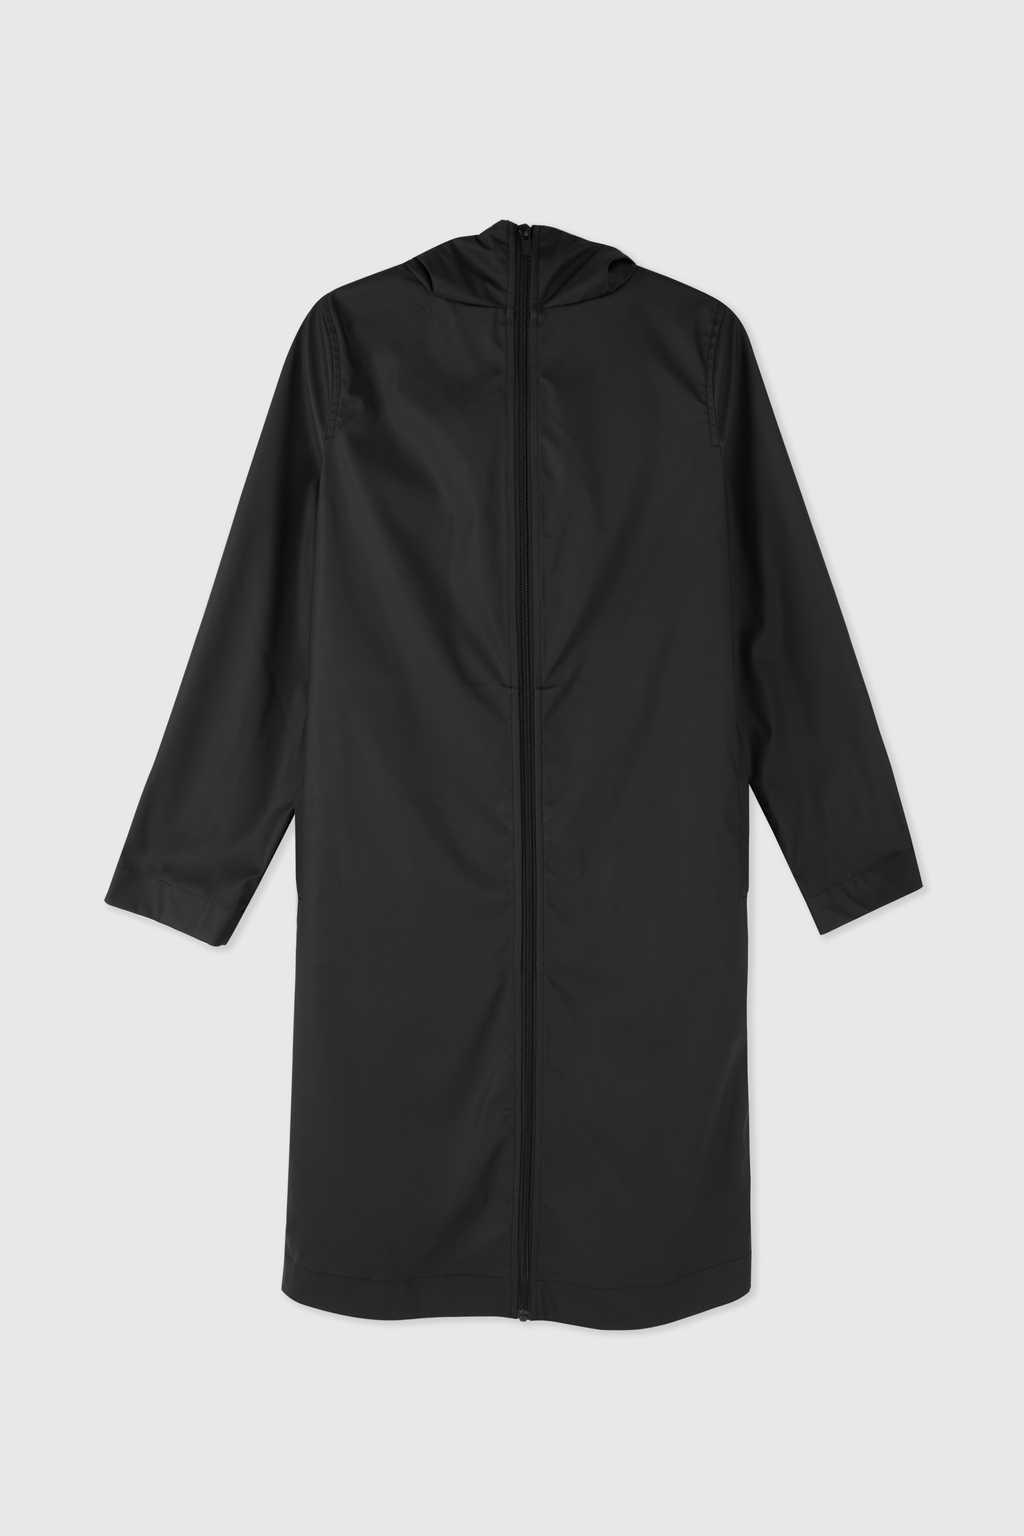 Coat 2953 Black 17